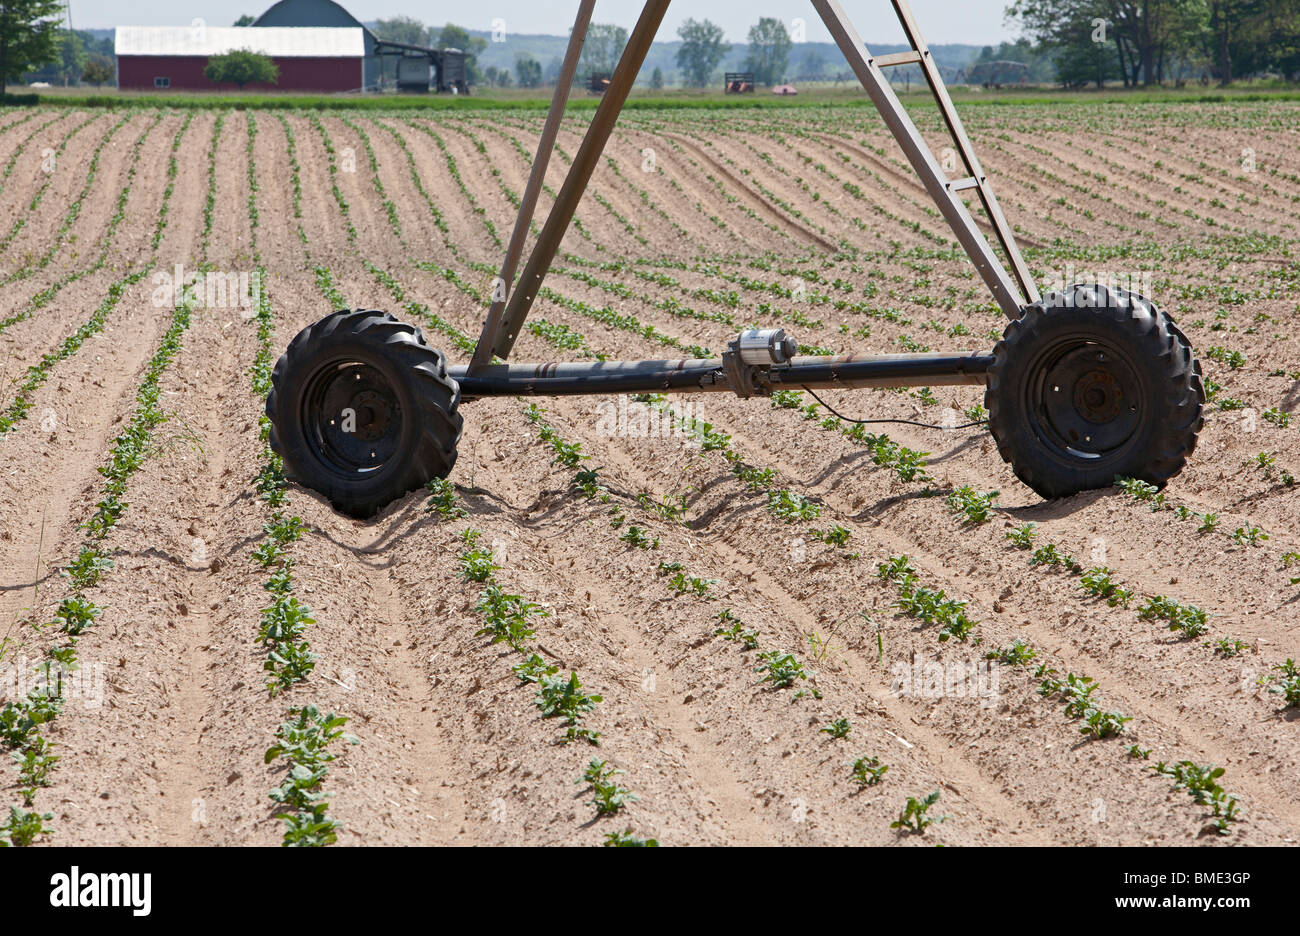 Mecosta, Michigan - Le ruote di irrigazione di un impianto sprinkler in filari di piante di patate su una grande Immagini Stock